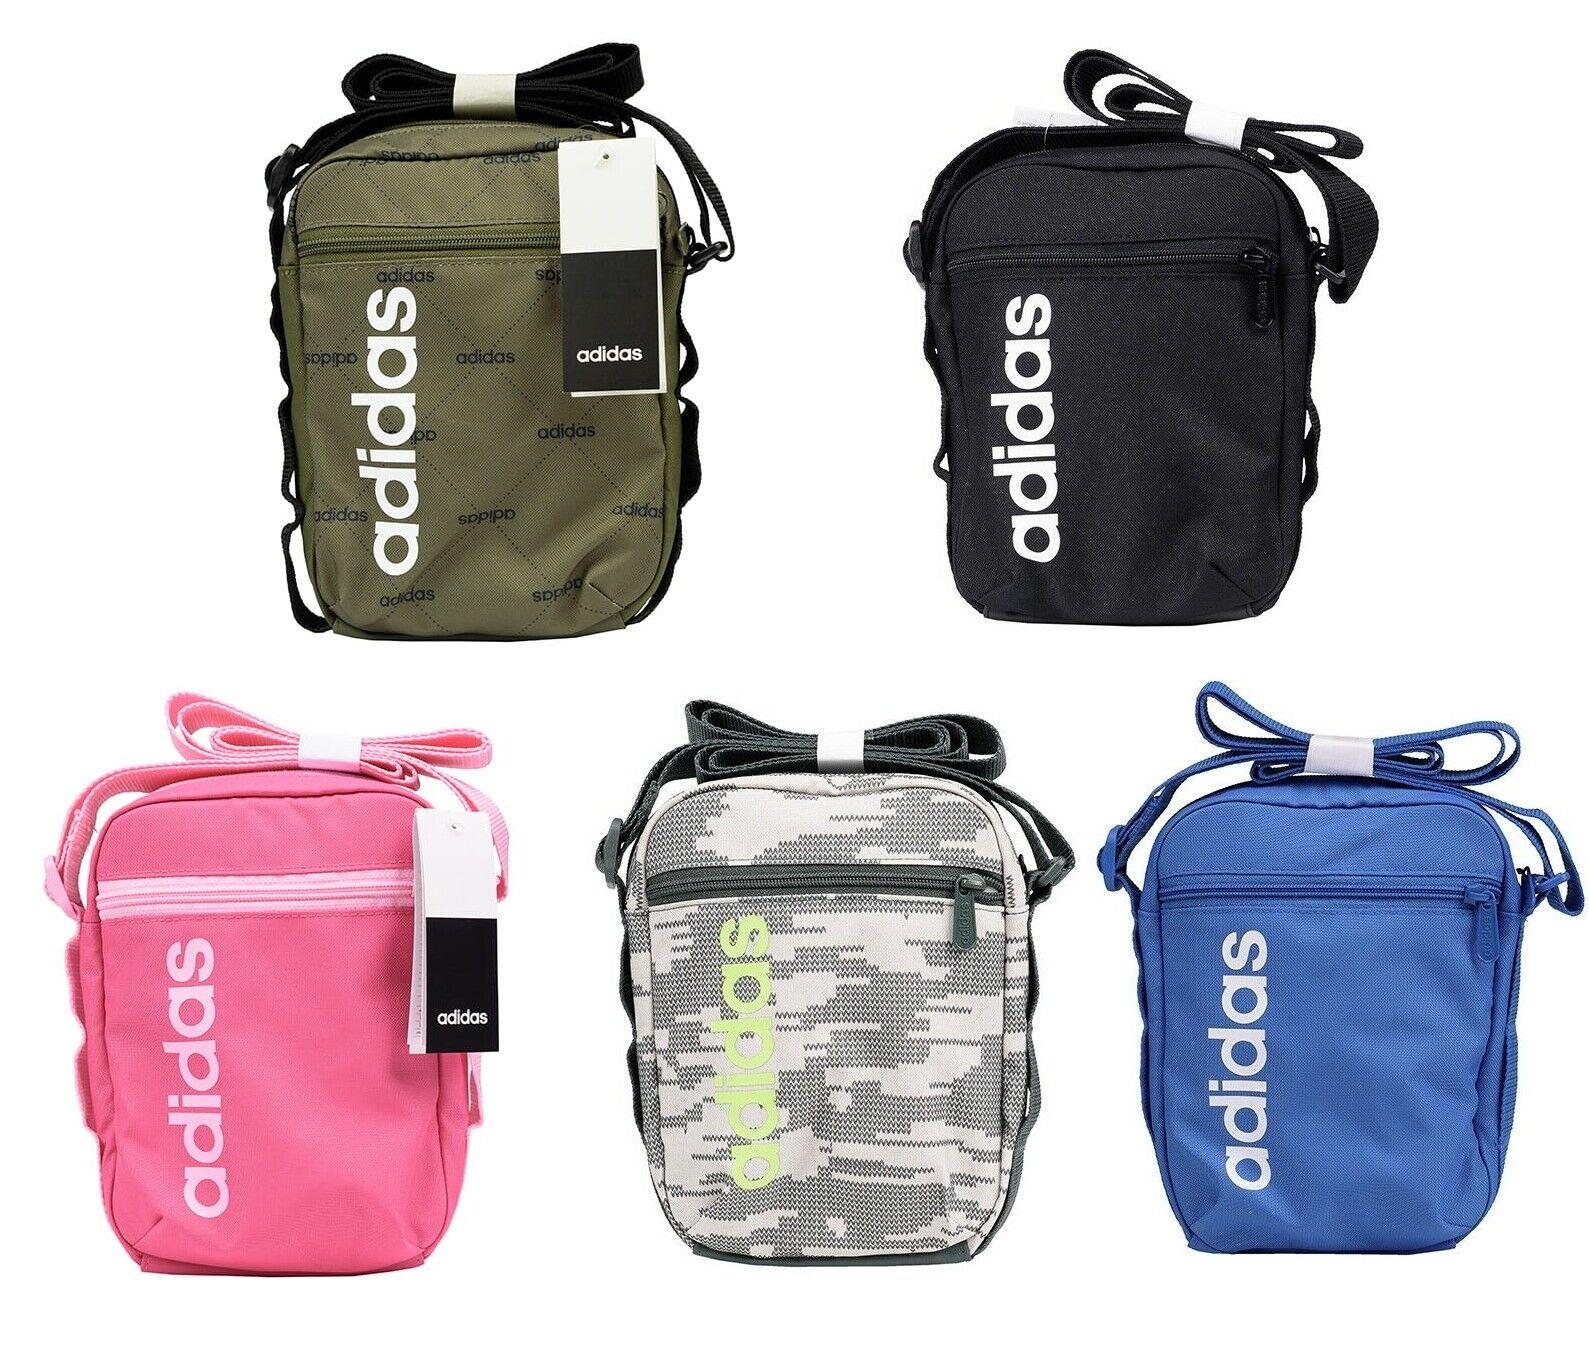 Adidas Damen Handtasche Vergleich Test +++ Adidas Damen